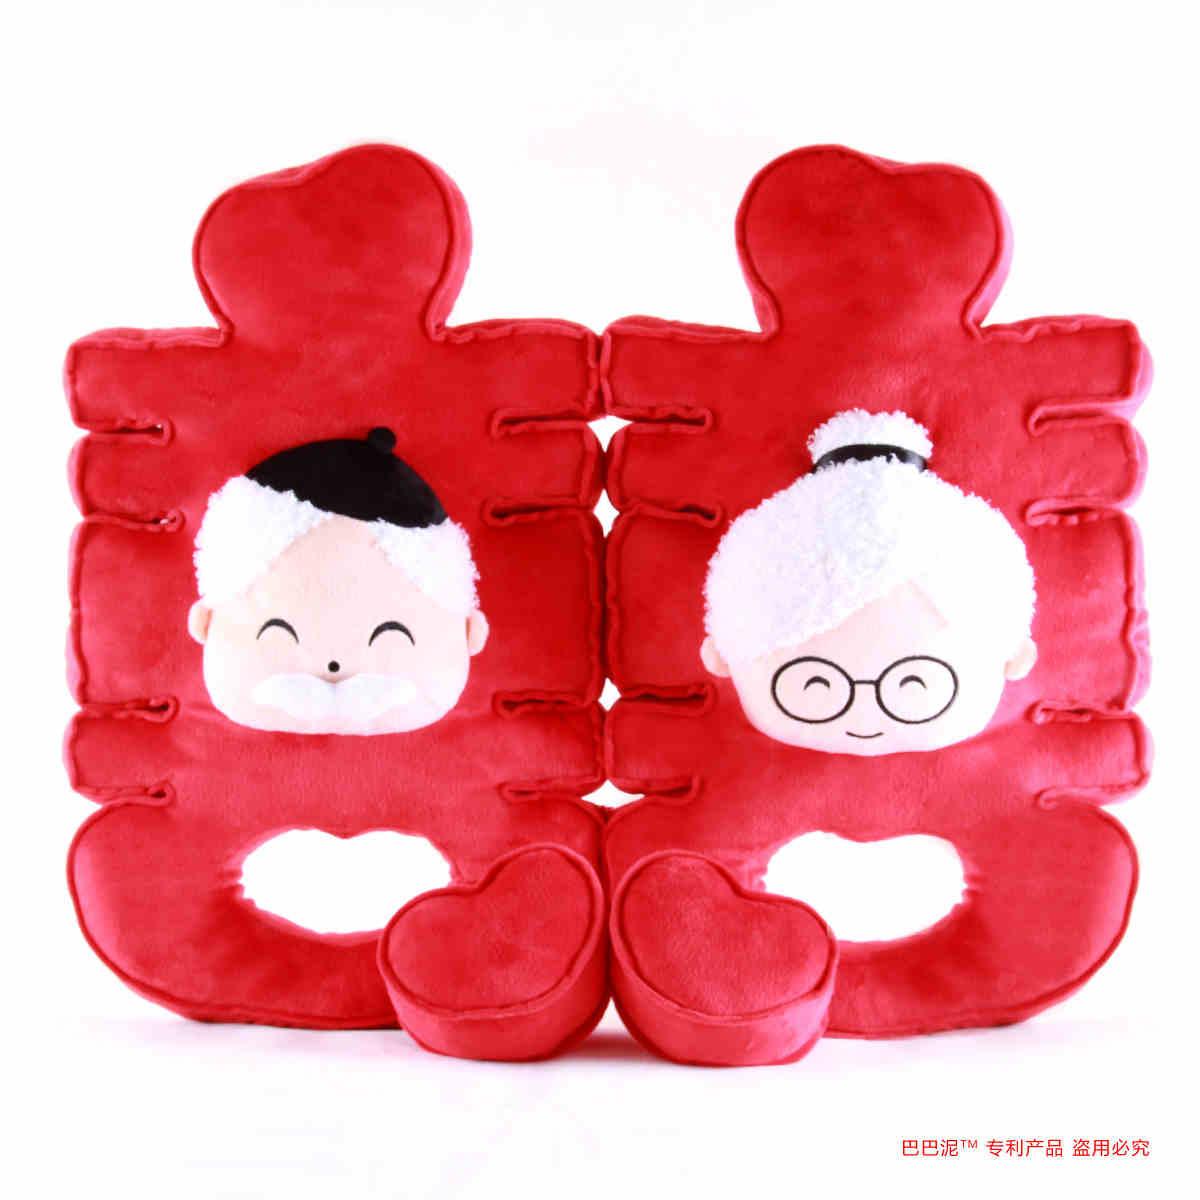 毛绒玩具压床娃娃一对婚庆结婚礼物娃娃公仔玩偶大号MP3音乐抱枕